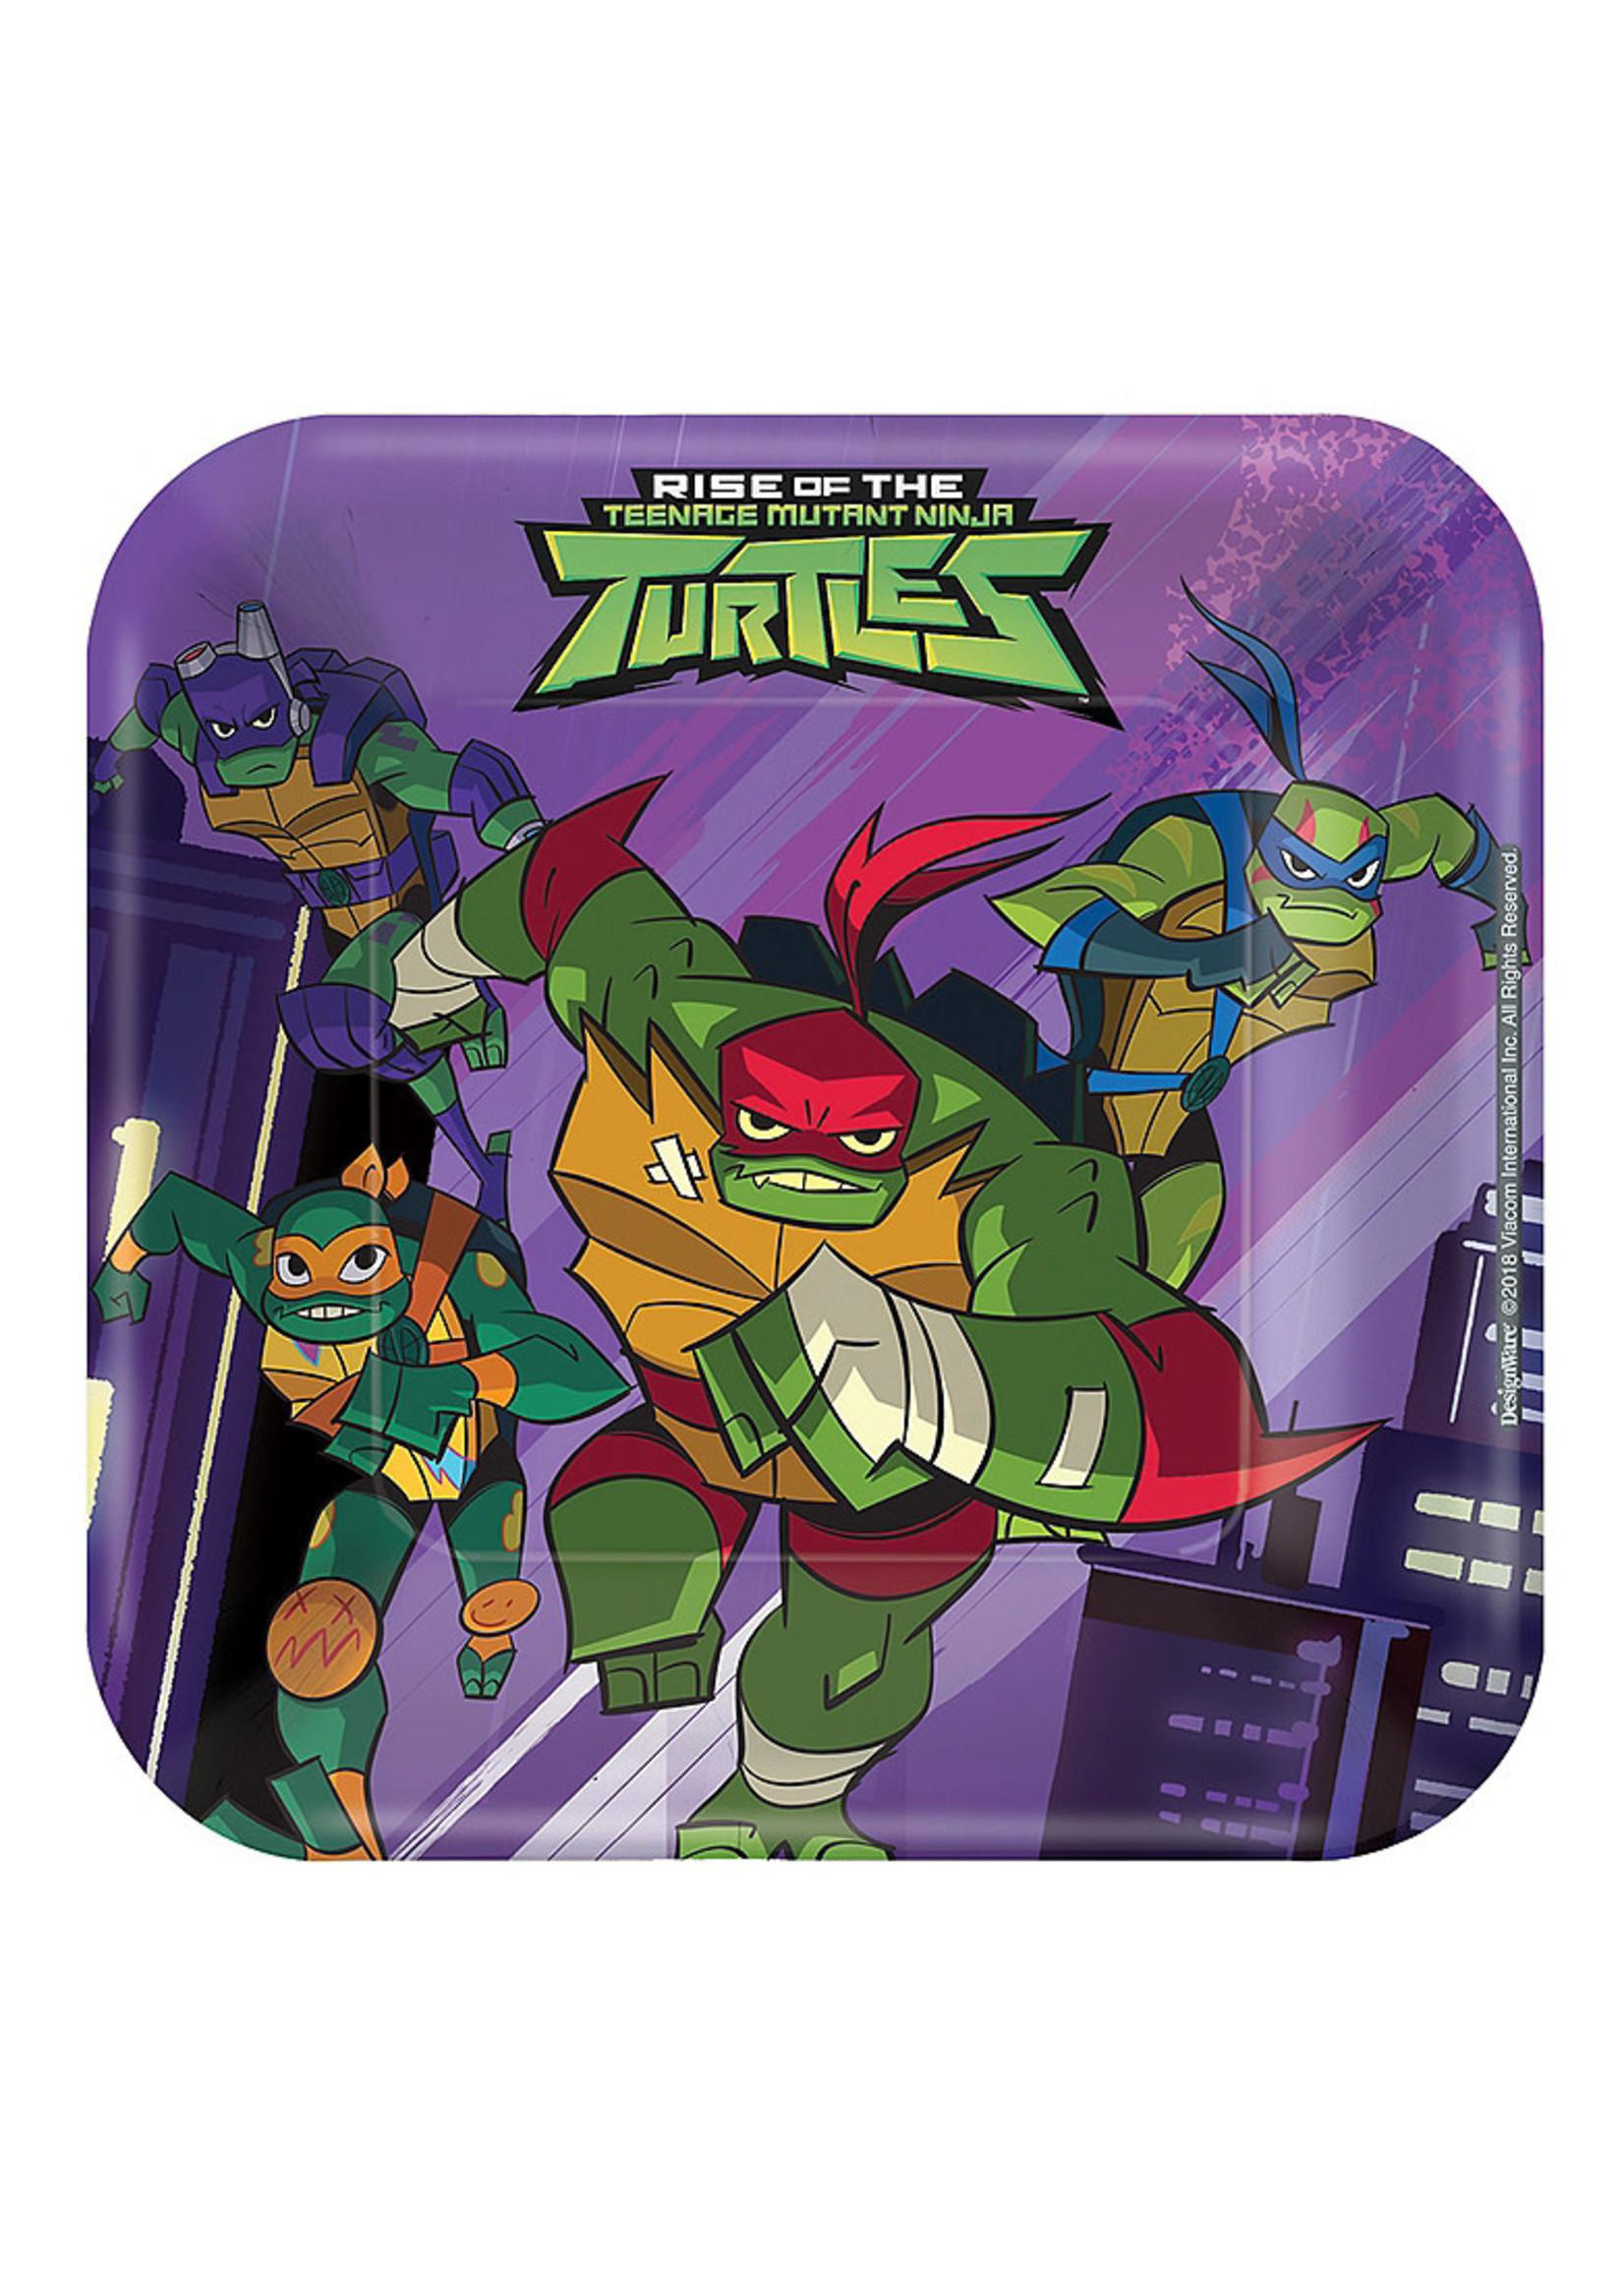 Rise of the Teenage Mutant Ninja Turtles Dessert Plates 8ct